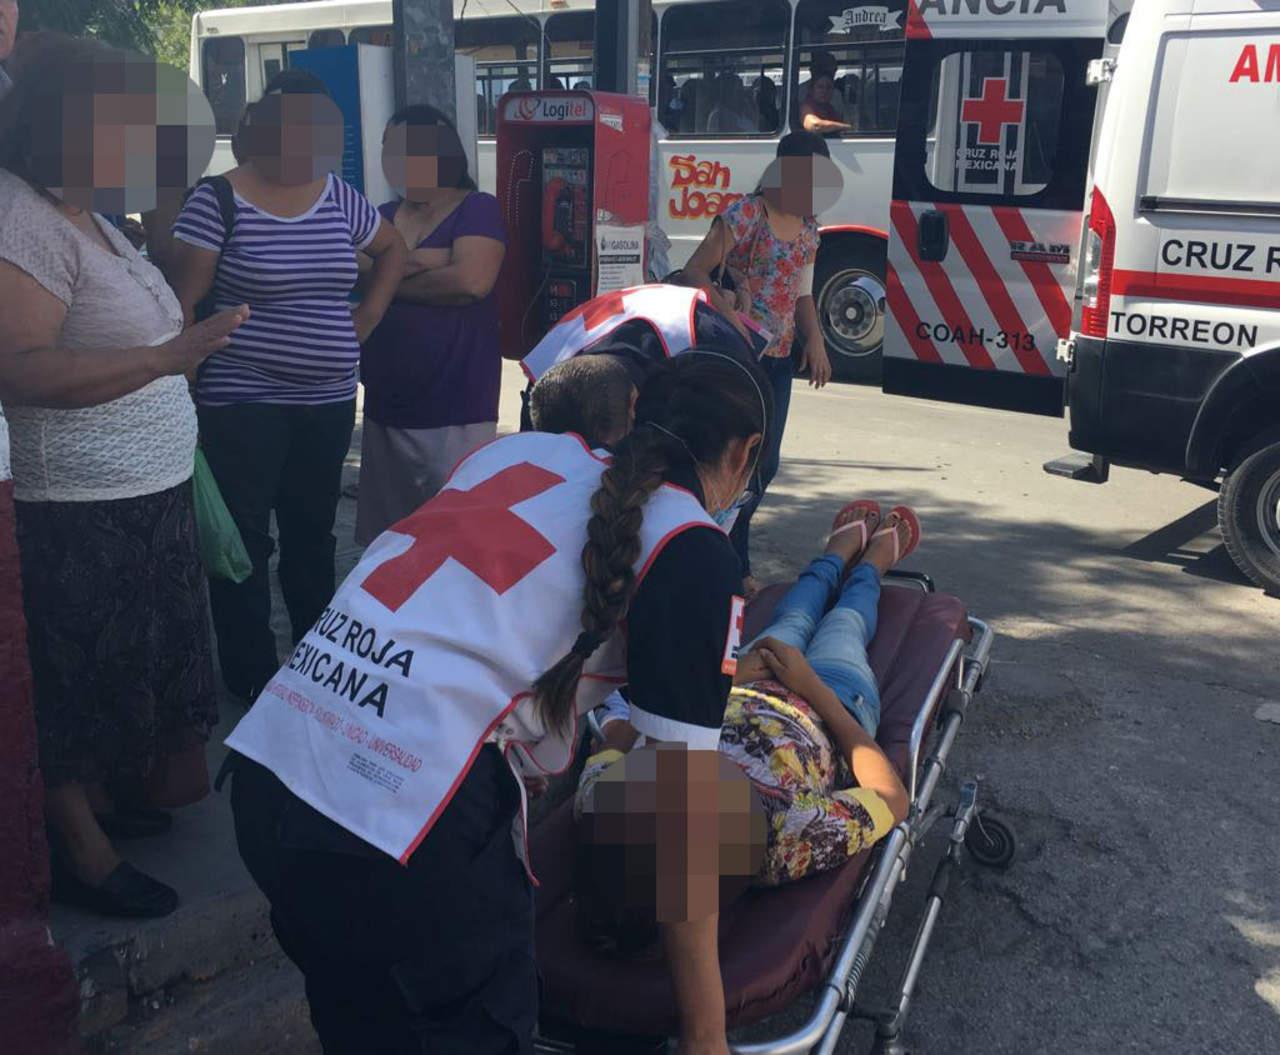 Joven embarazada cae de autobús en Torreón